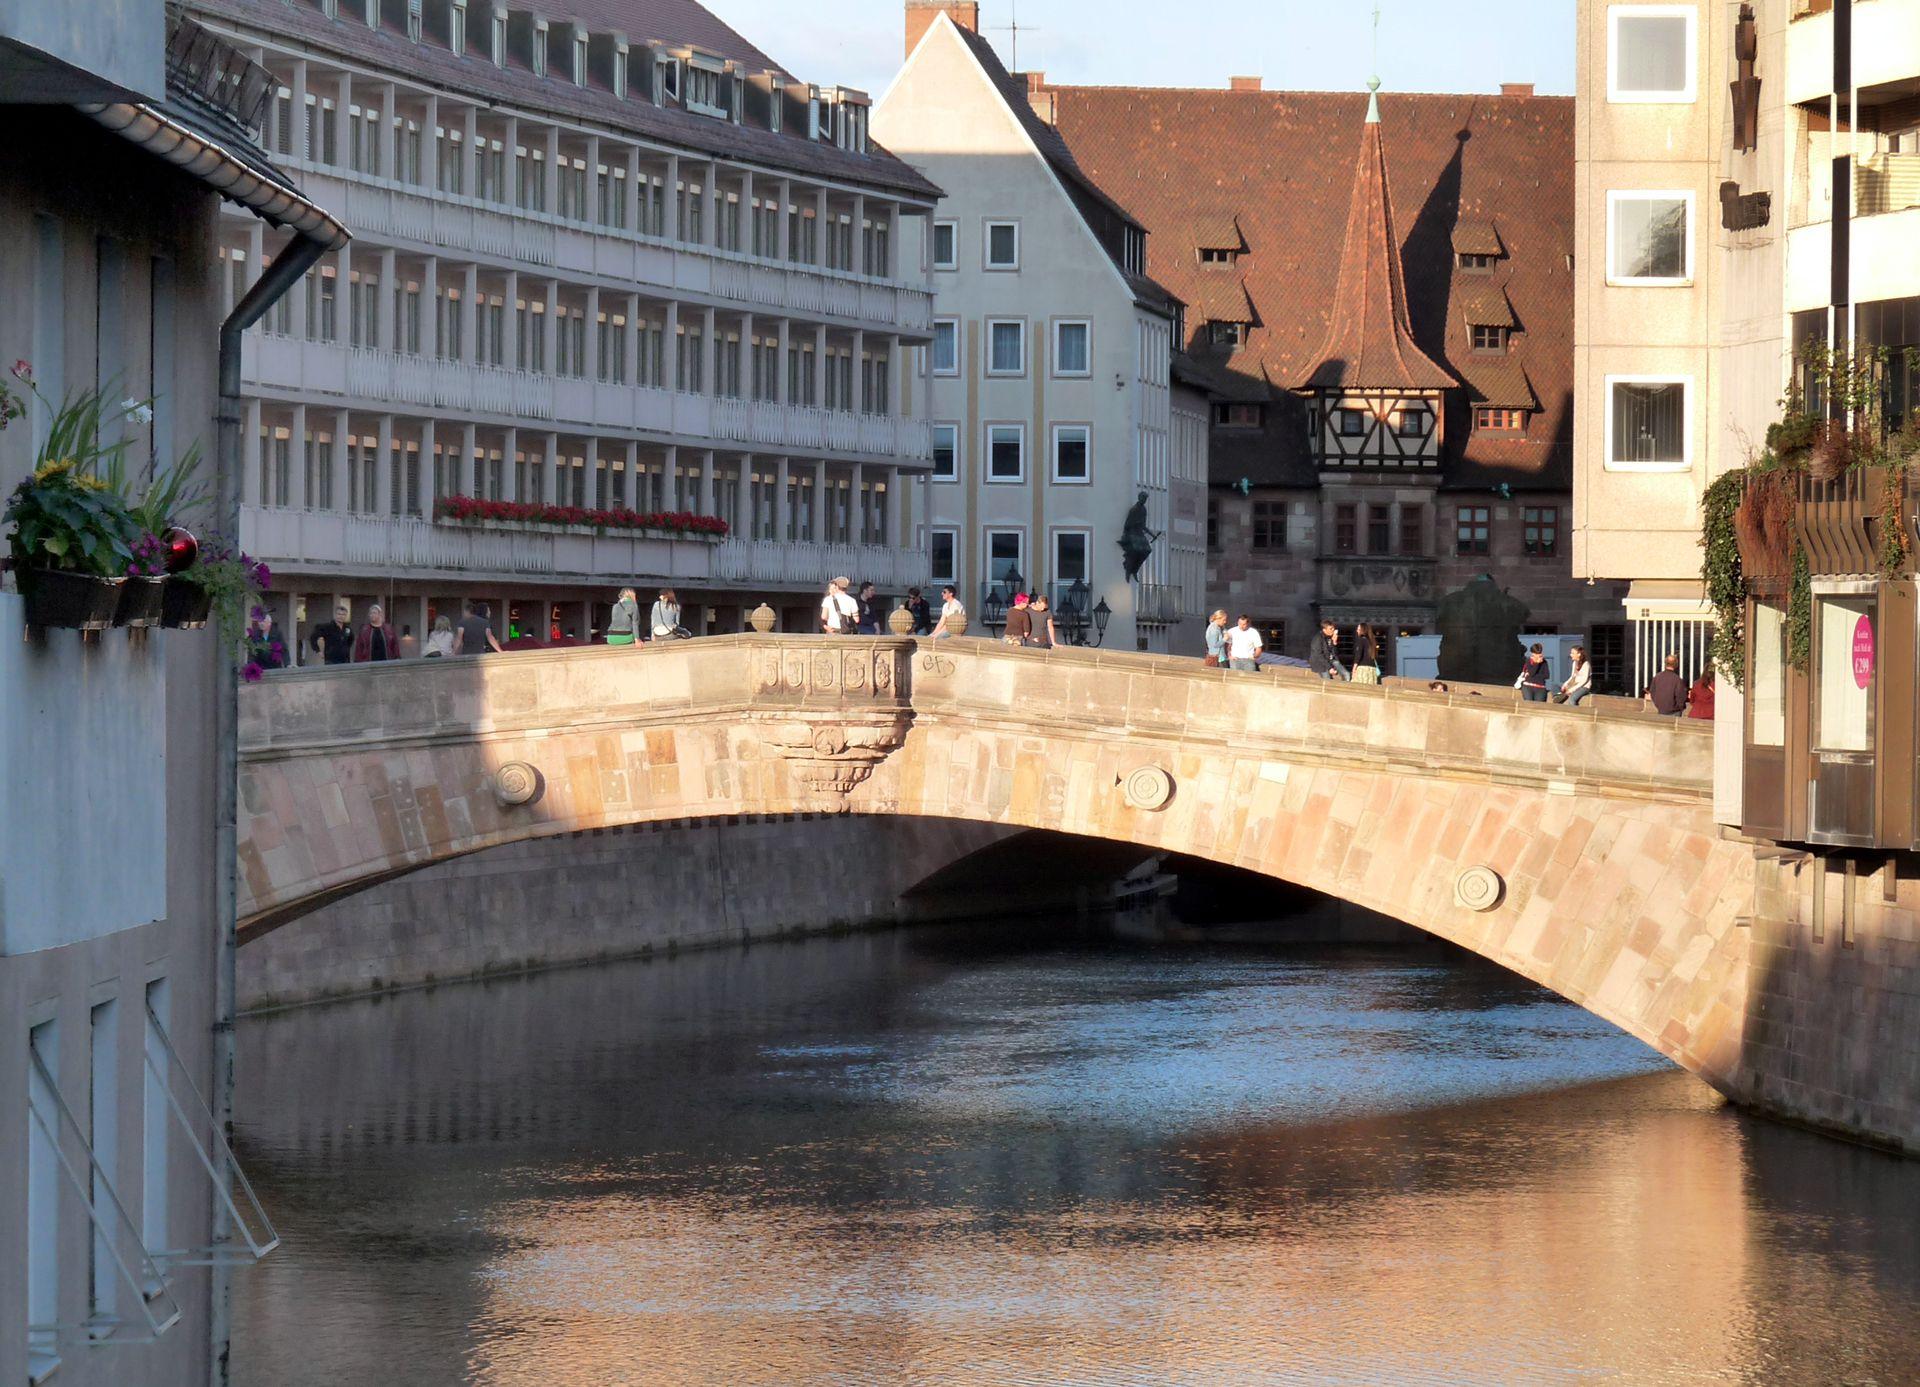 Fleischbrücke (Meat Bridge) Fleischbrücke (Meat Bridge) from the west